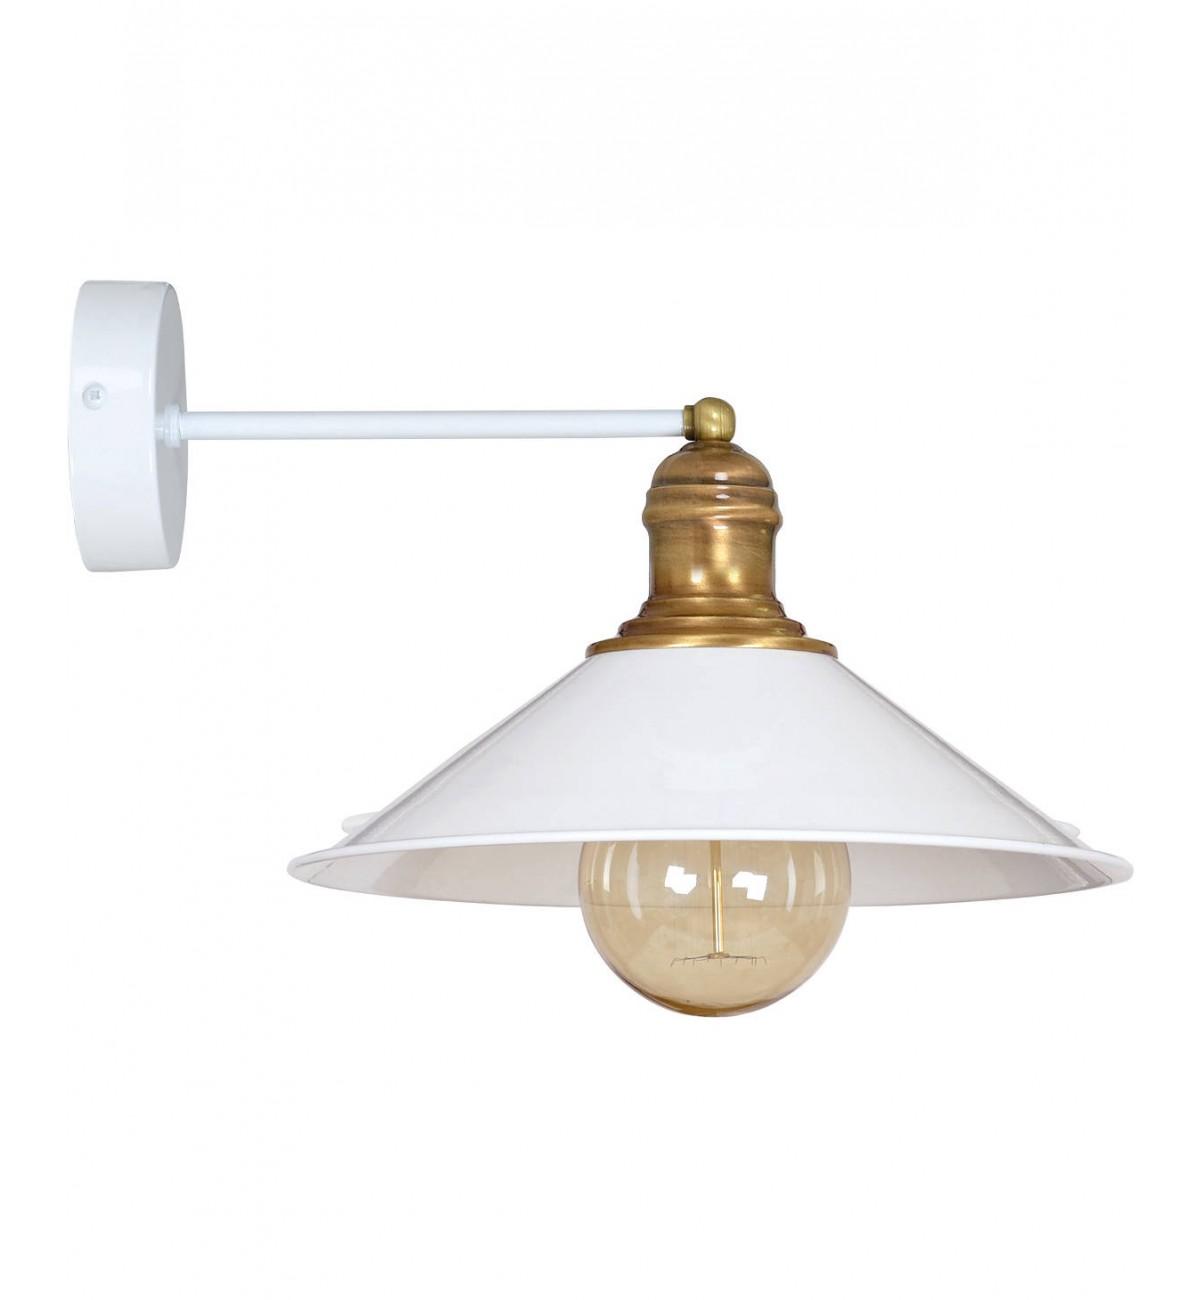 lampa kinkiet w stylu retro oryginalna loft edison Kinkiety nowoczesne